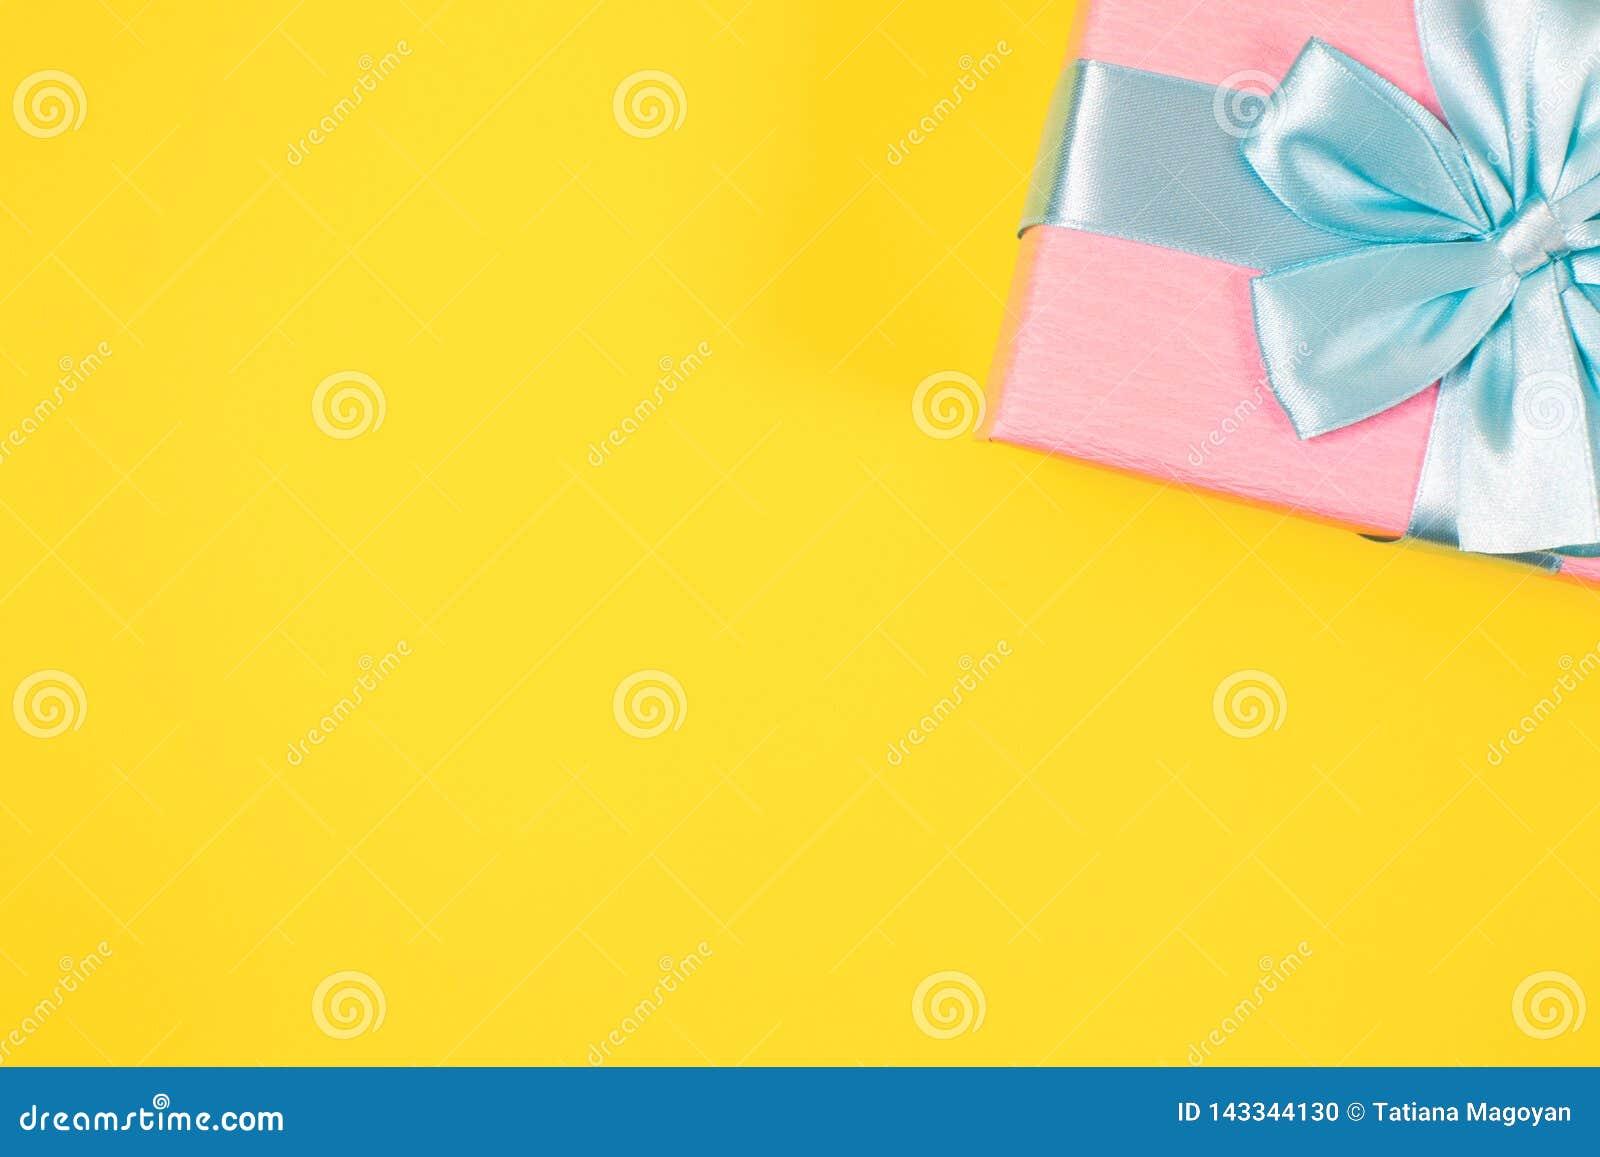 Caixa de presente cor-de-rosa amarrada com a fita azul com curva na parte superior no fundo amarelo Copie o espaço para o texto C